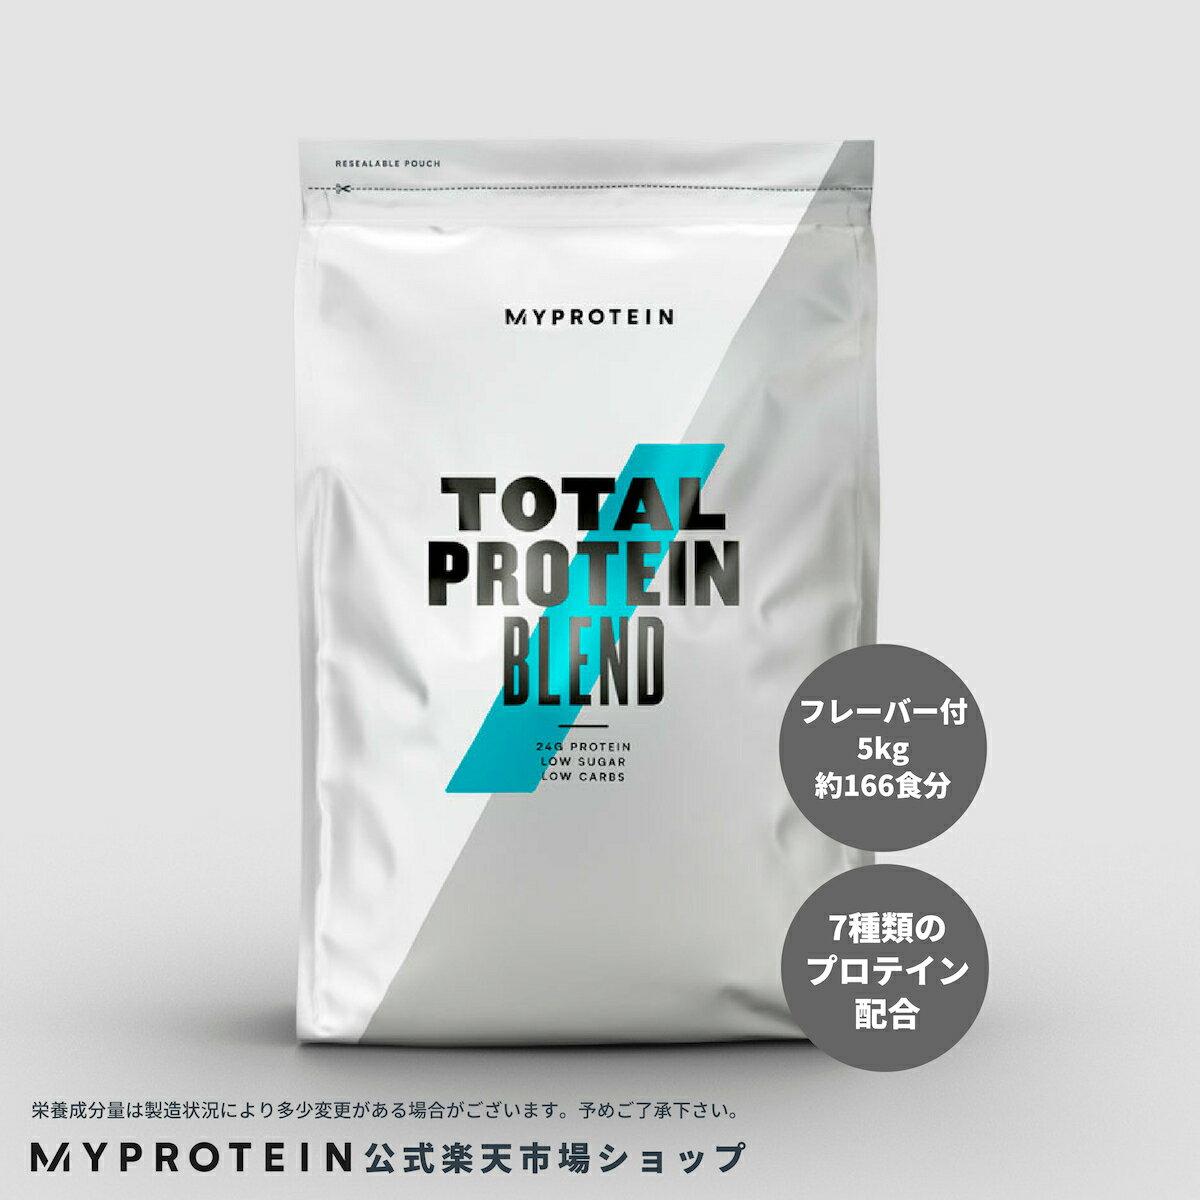 マイプロテイン 公式 【MyProtein】 トータルプロテイン(フレーバー)5kg 約166食分| プロテイン ホエイ ホエイプロテイン カゼインプロテイン カゼイン カルシウム バルクアップ ボディーメイク 低糖 糖質制限【楽天海外直送】